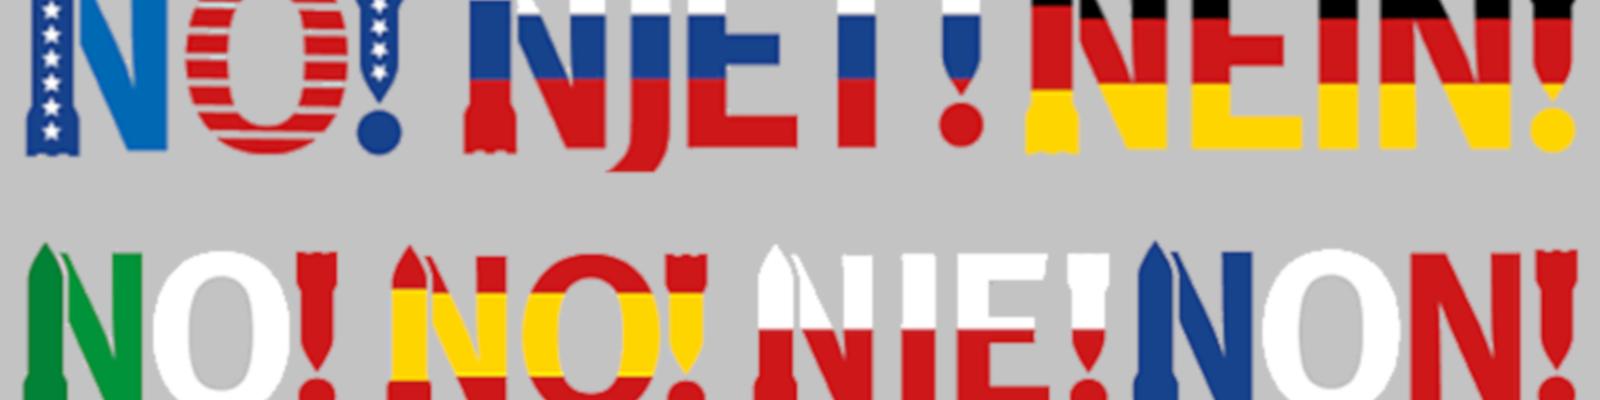 Rettet den INF-Vertrag! Aktionen am 01. und 02. Februar, weiterhin Unterschriftenaktion der Friedensbewegung